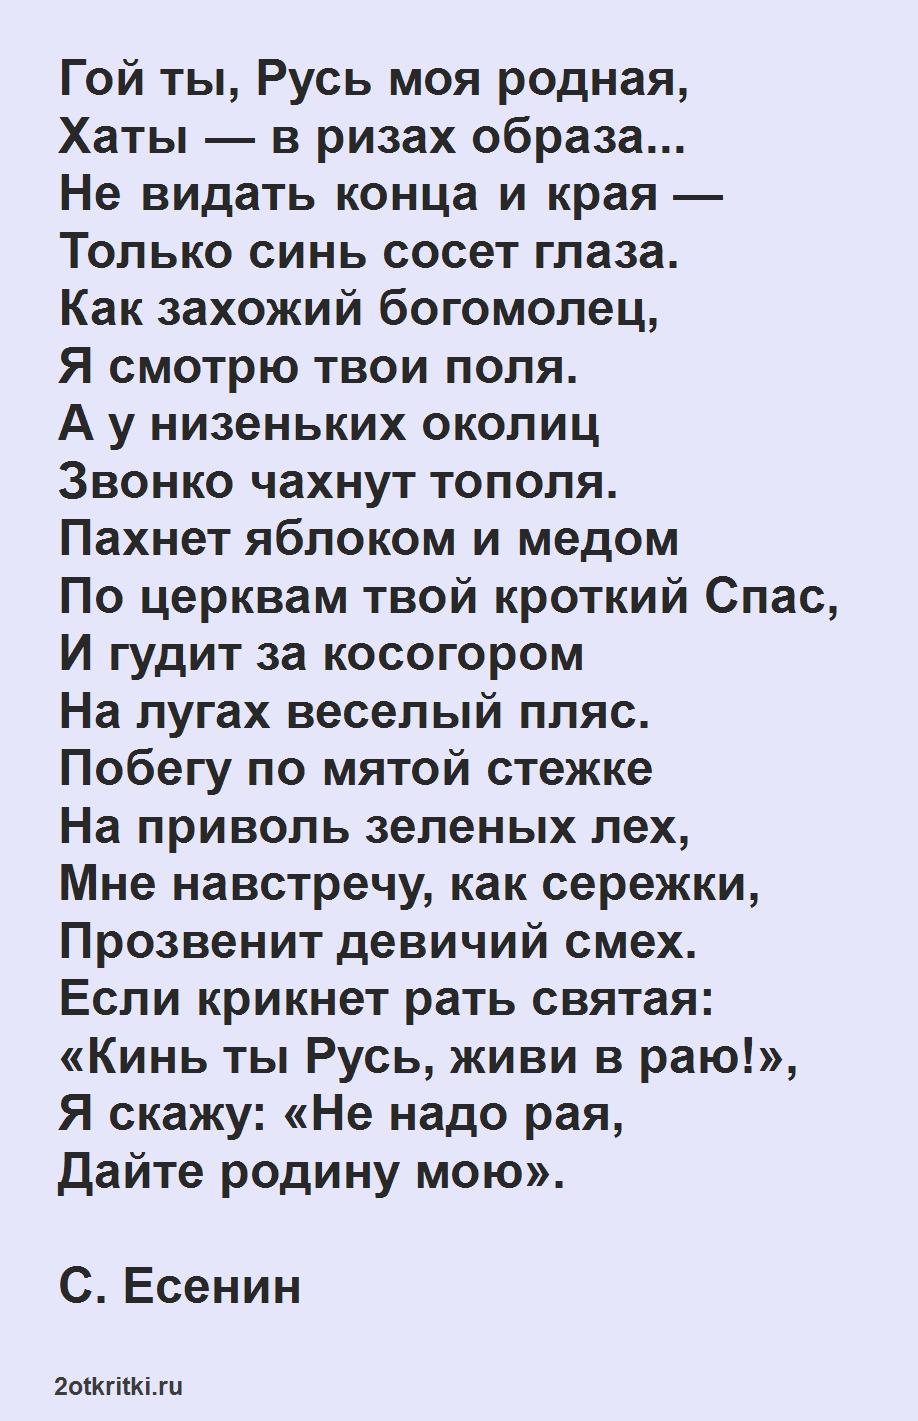 Стихи ко дню России - Гой ты, русь моя родная